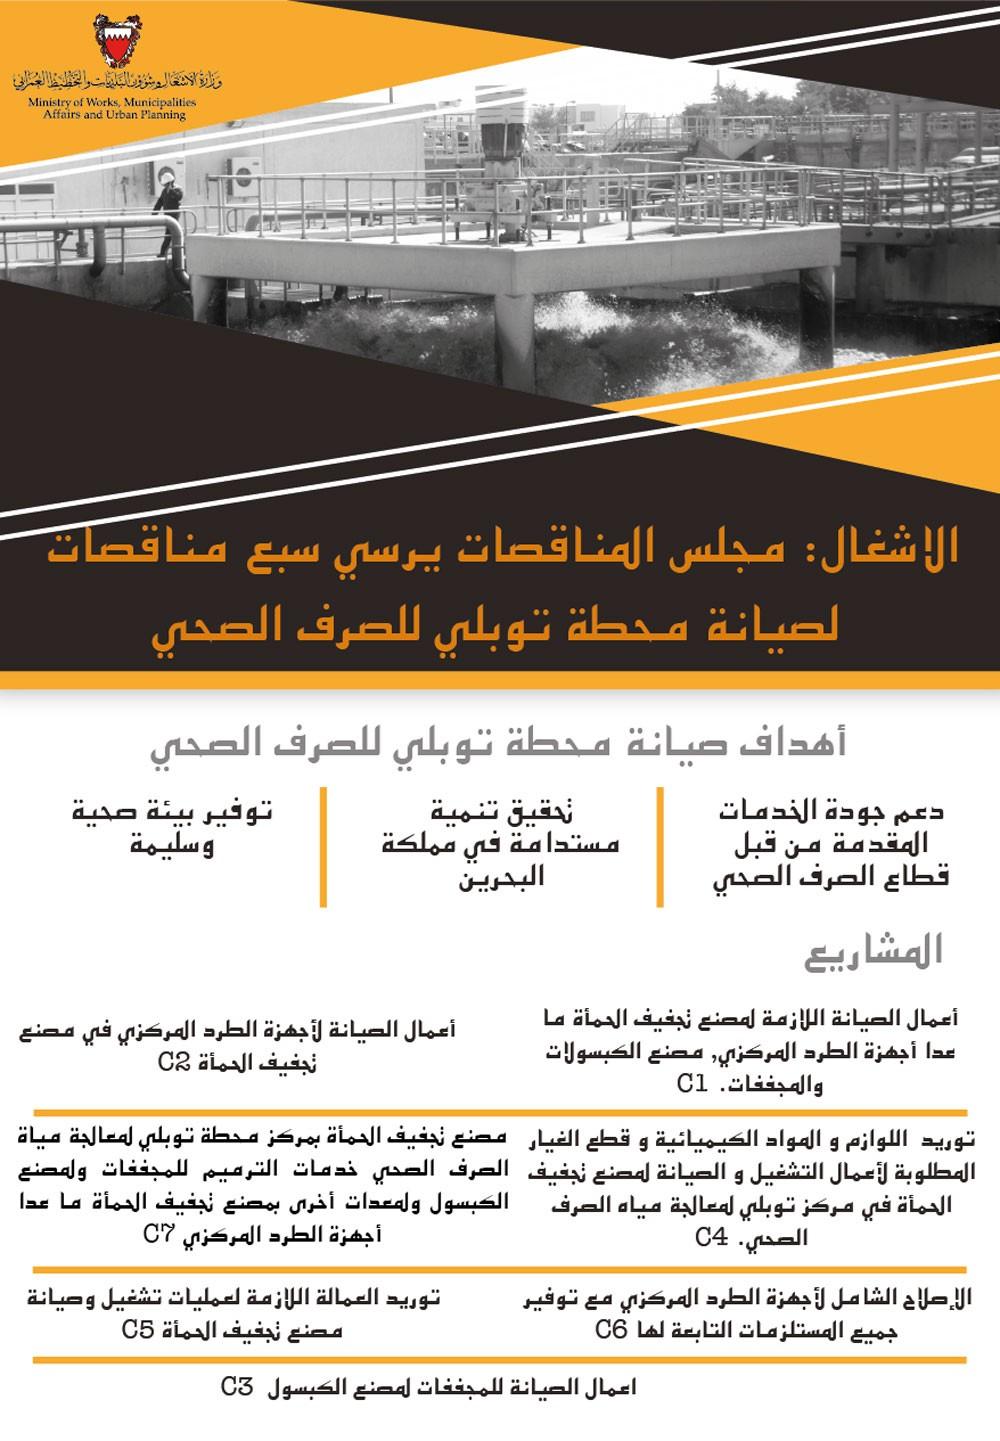 الاشغال: توقيع سبع مناقصات لتشغيل وصيانة مصنع تجفيف الحمأة في مركز توبلي لإنتاج المياه المعالجة